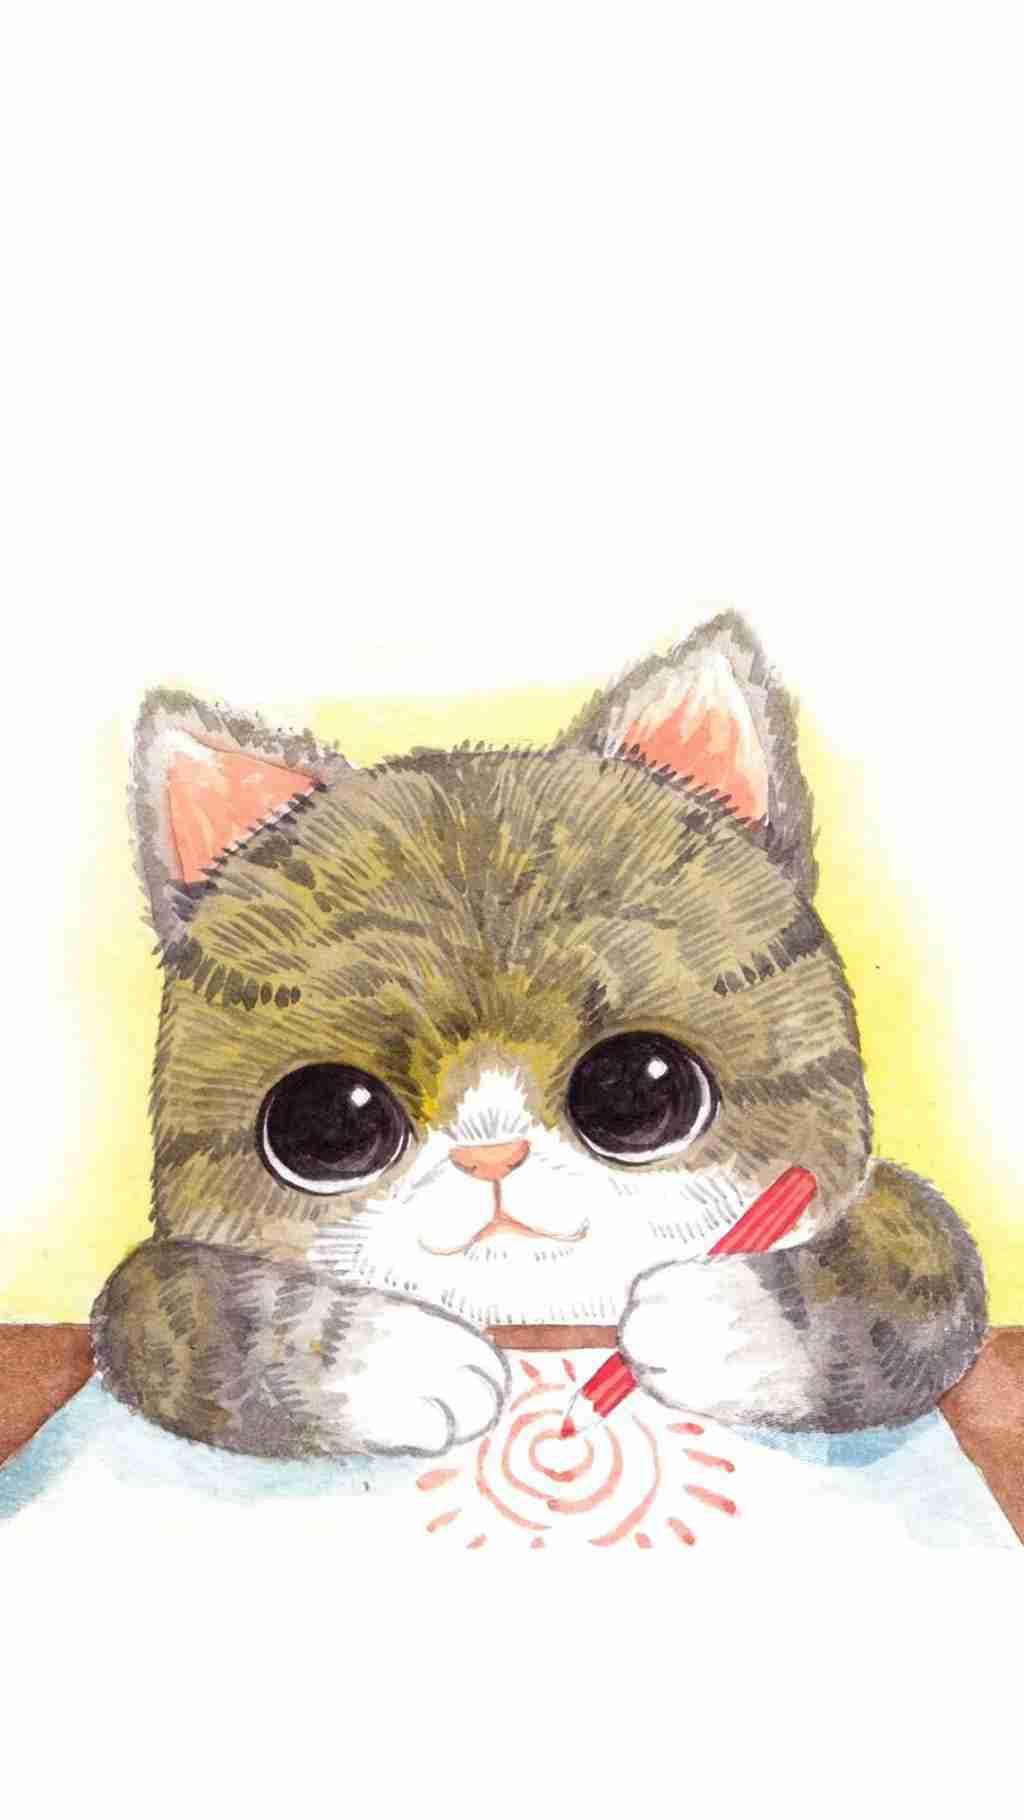 可爱卡通小动物插画手机壁纸_WWW.66152.COM